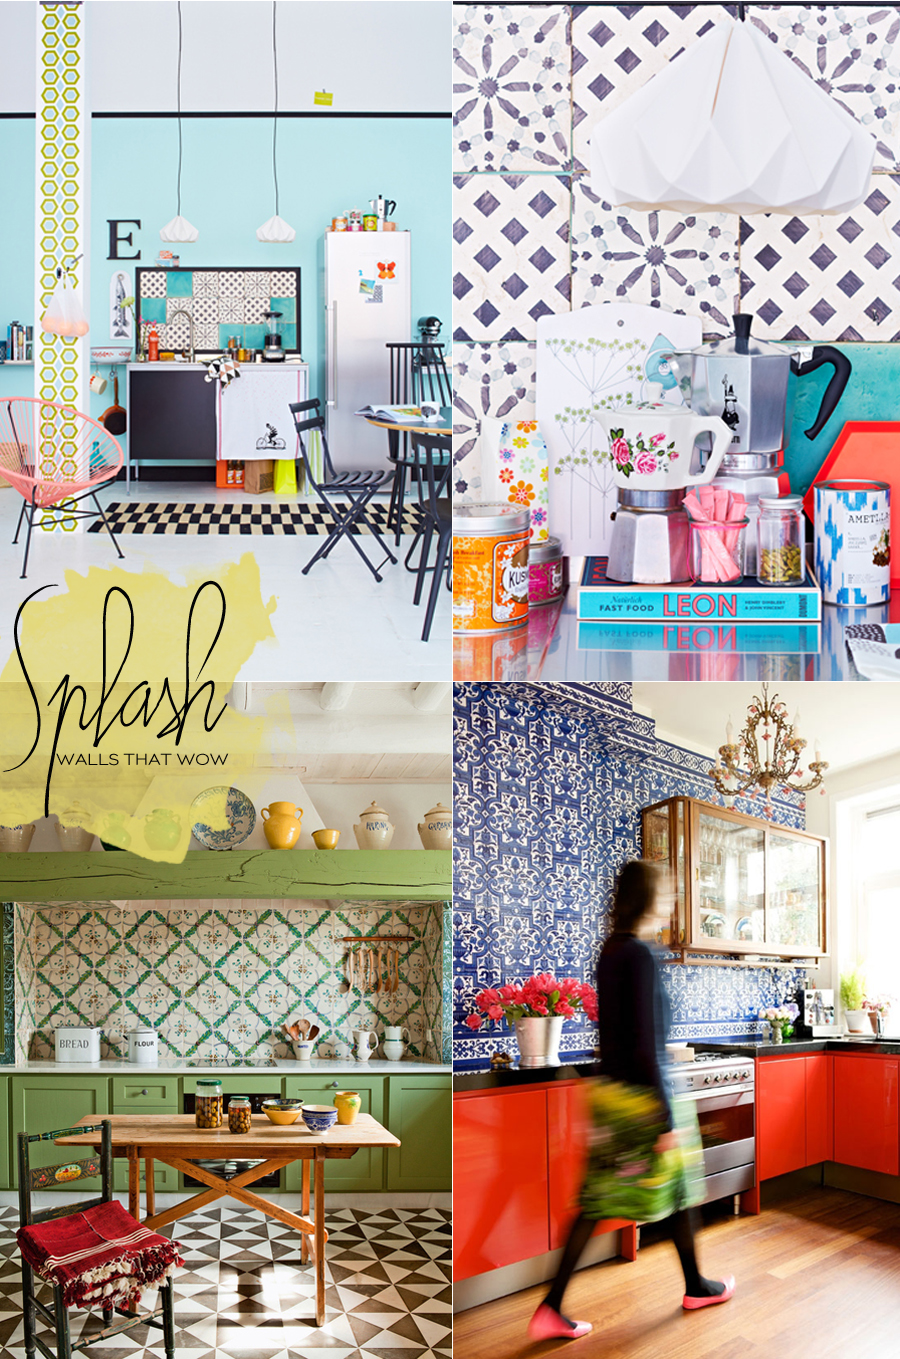 Backsplash Tile Trends In The Kitchen   Dine X Design